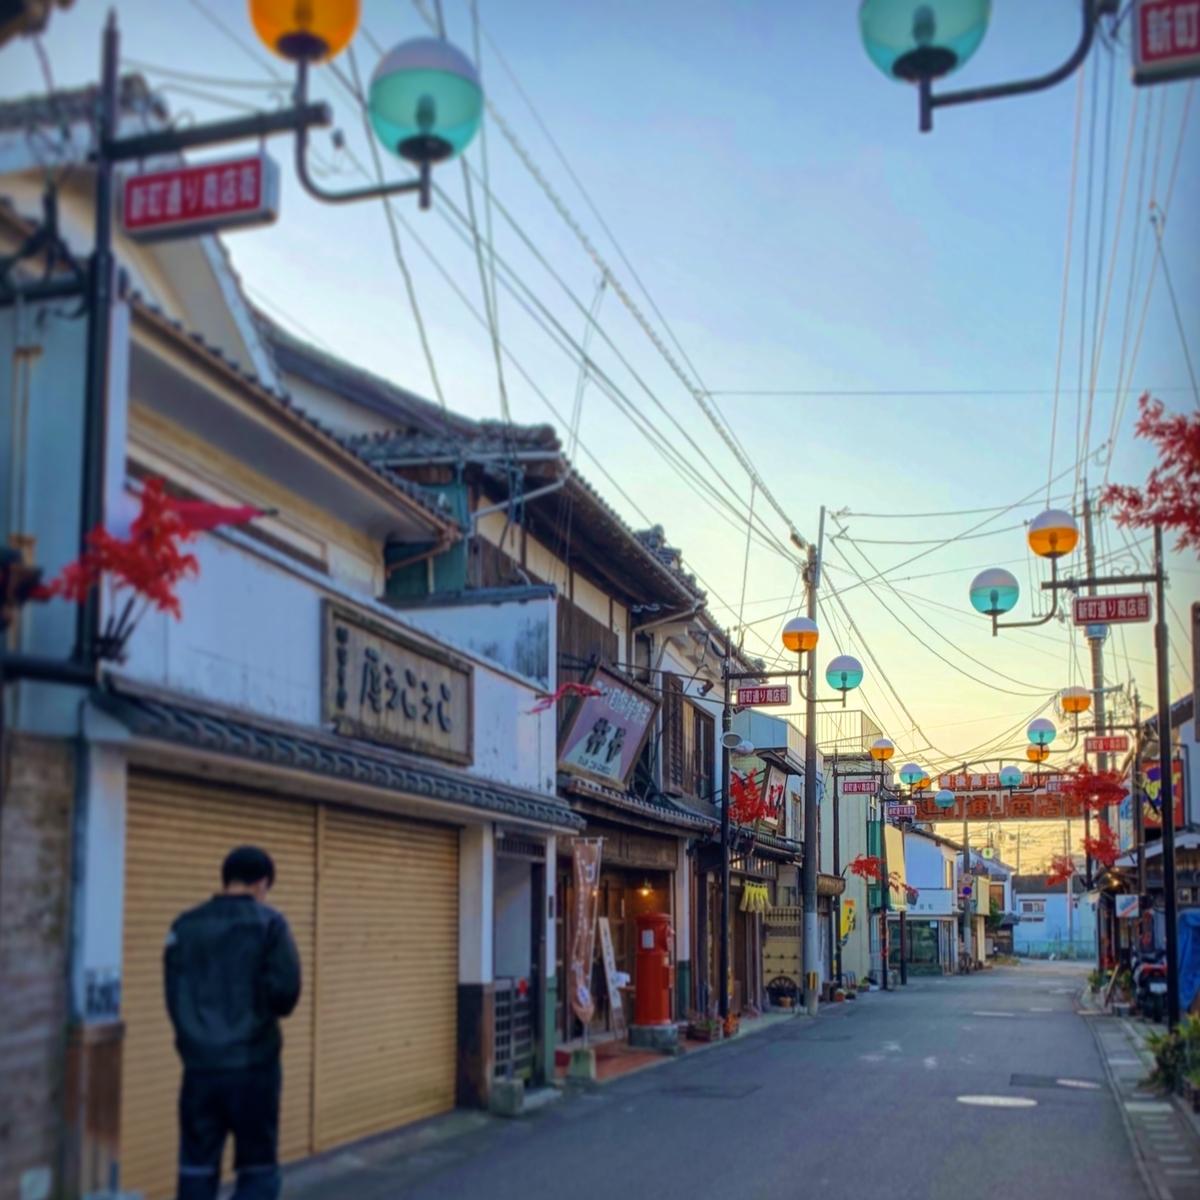 f:id:Kisaragi_Hifumi:20200204182613j:plain